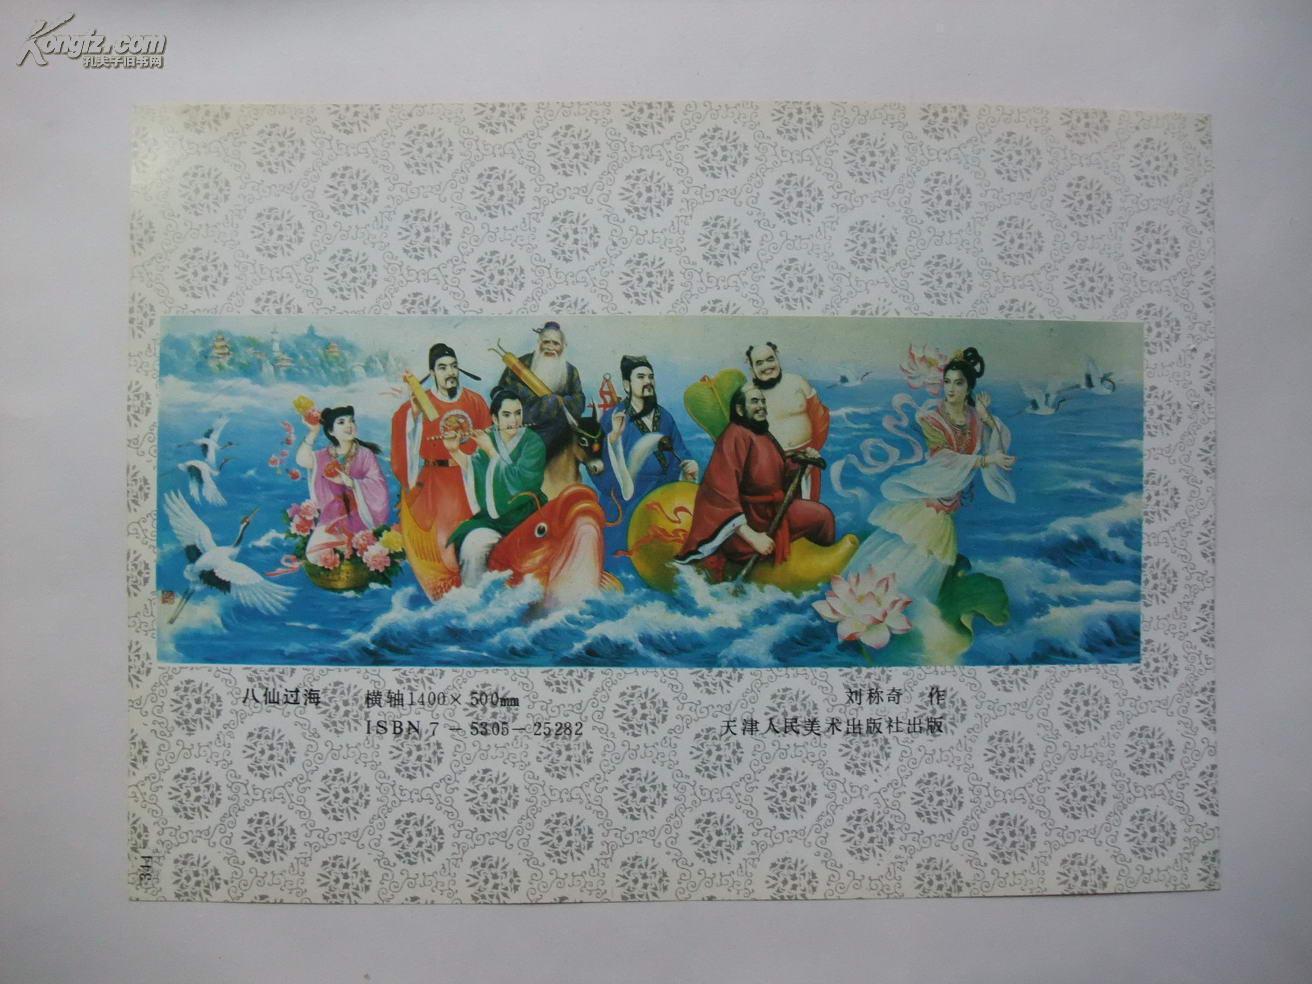 2张内有贾万新山水年画2幅,苏伯群花鸟年1幅,刘称奇八仙过海1幅(图4)